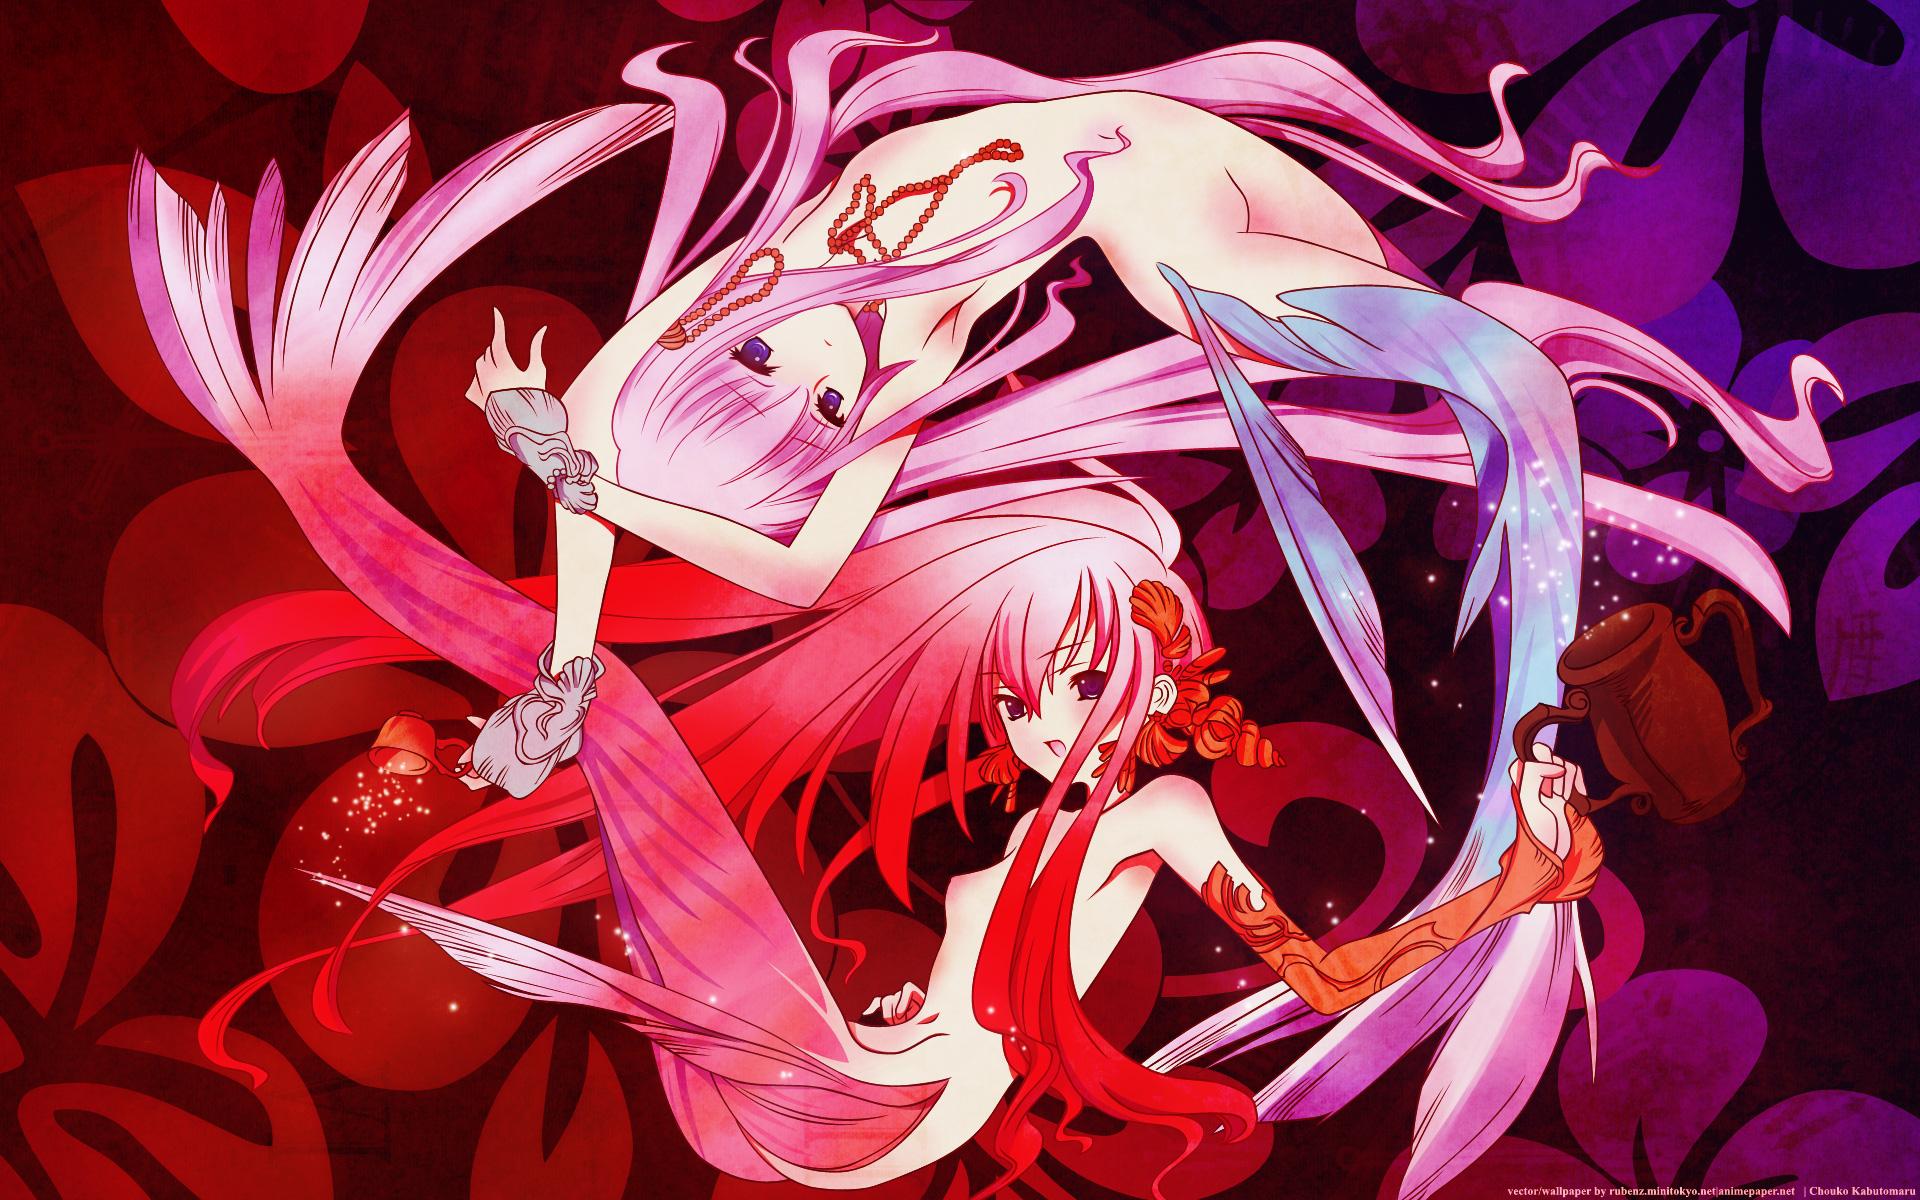 choco chocolate_shop long_hair mermaid nude pink_hair purple_eyes